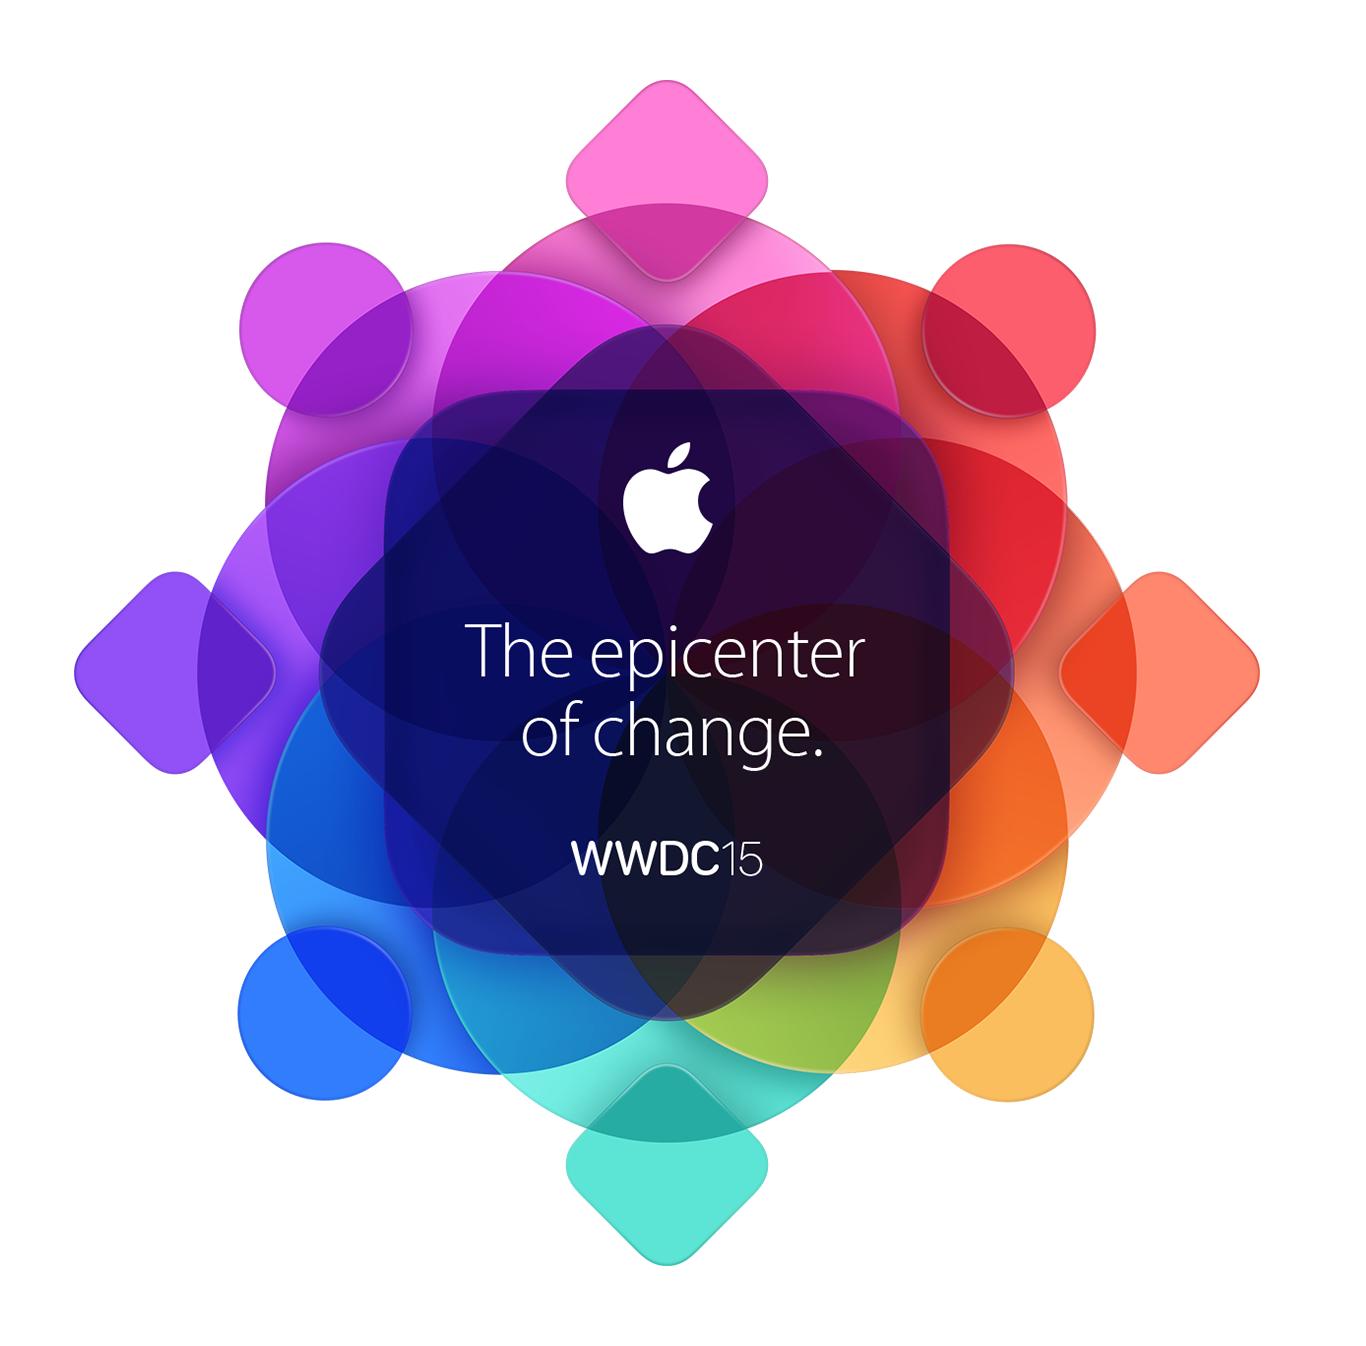 AppleのイベントWWDC15が6月8日に開催へ!次期iOS、OS Xや新型Apple TVなどが発表か!?